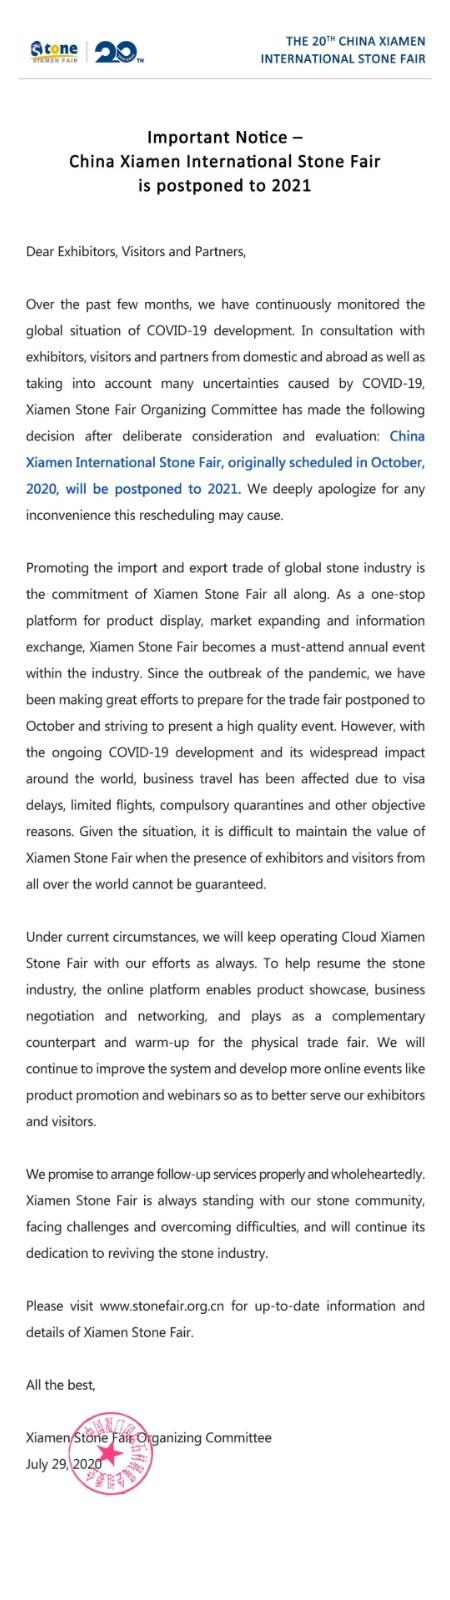 重磅!中国厦门国际石材展将延期至明年举办!